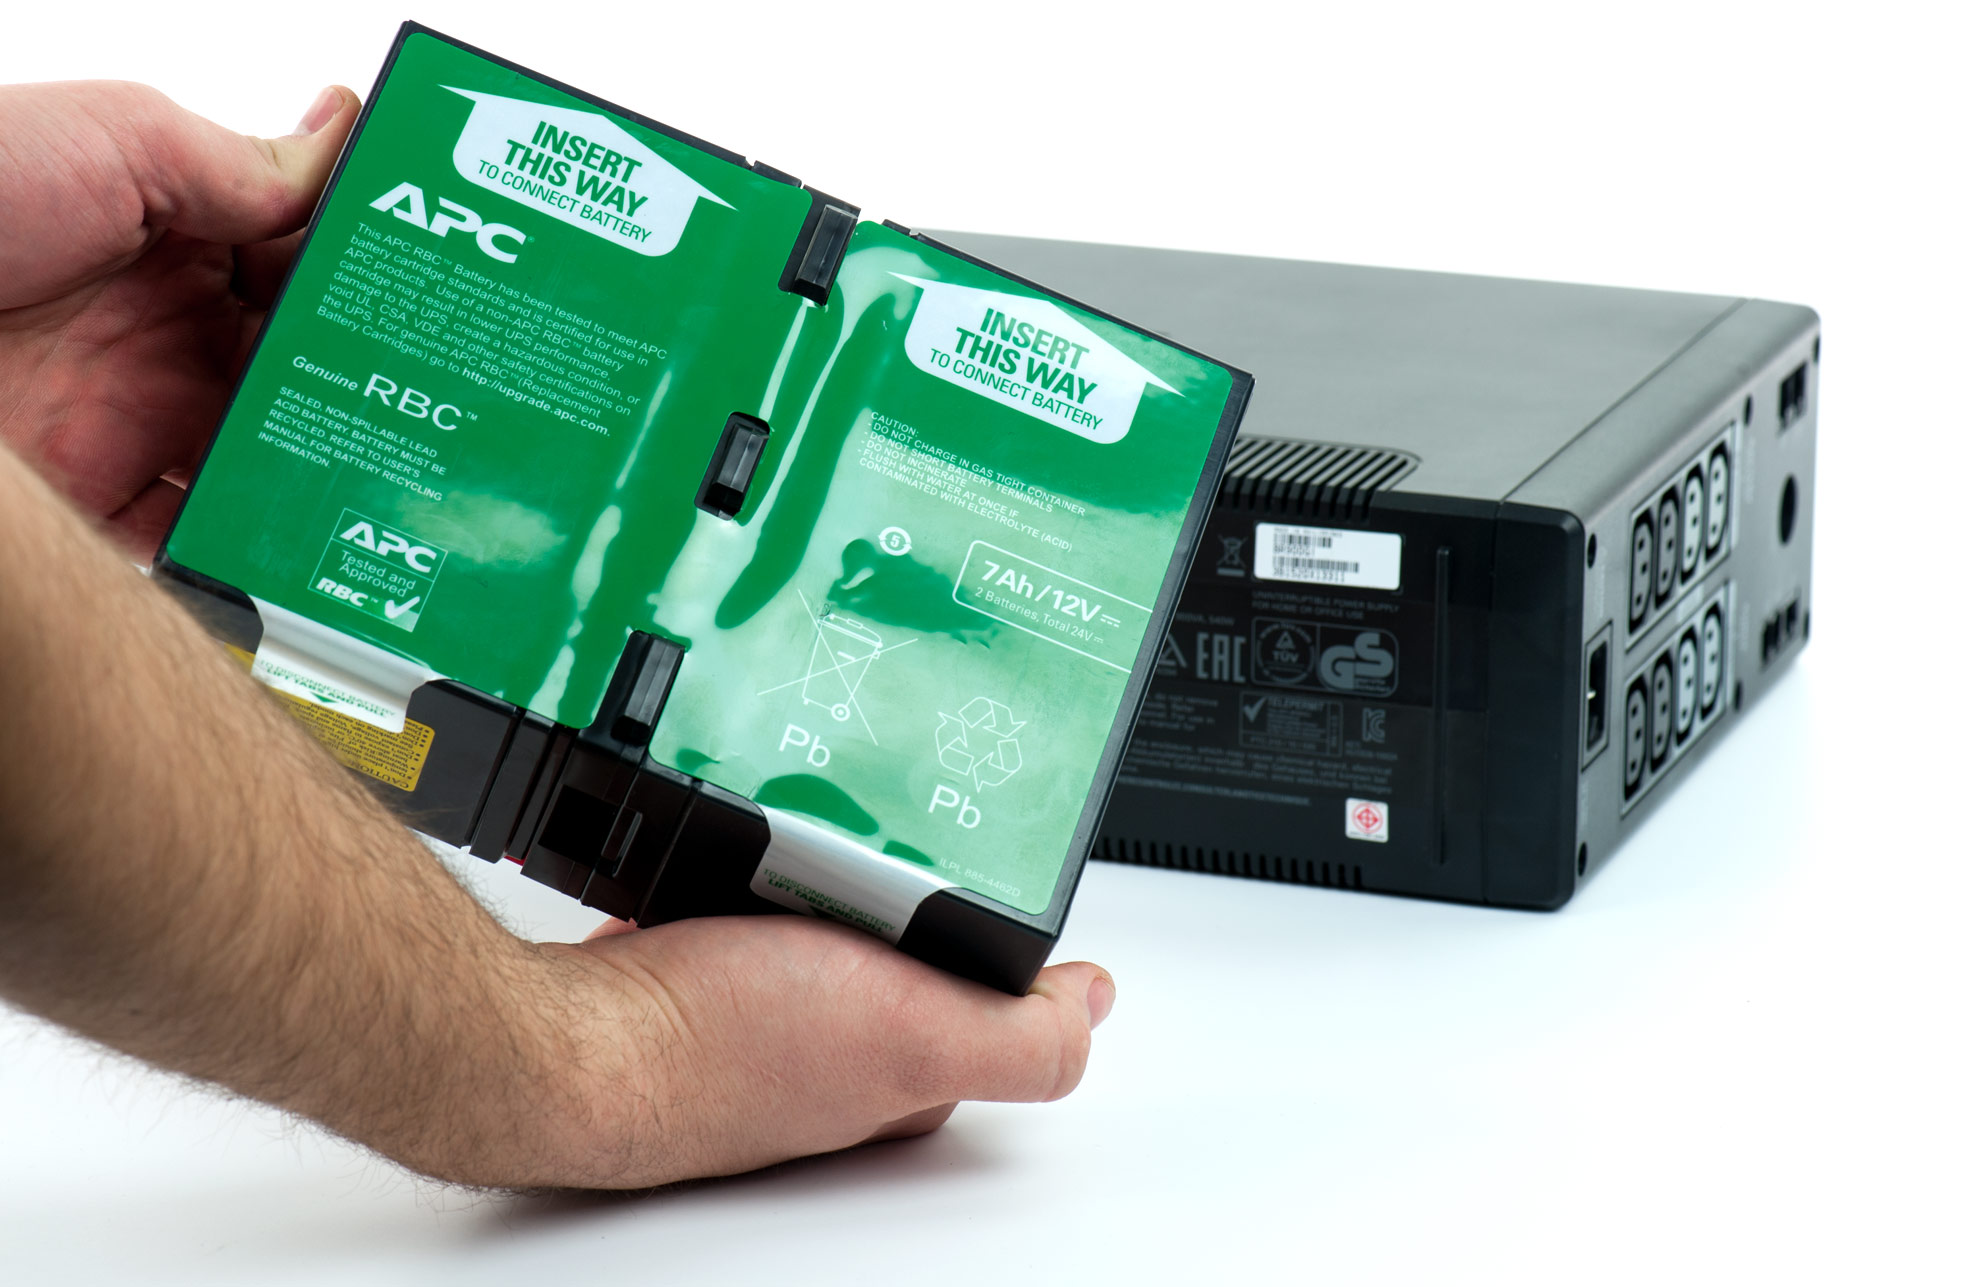 APC model Back-UPS Pro 900 - bateria